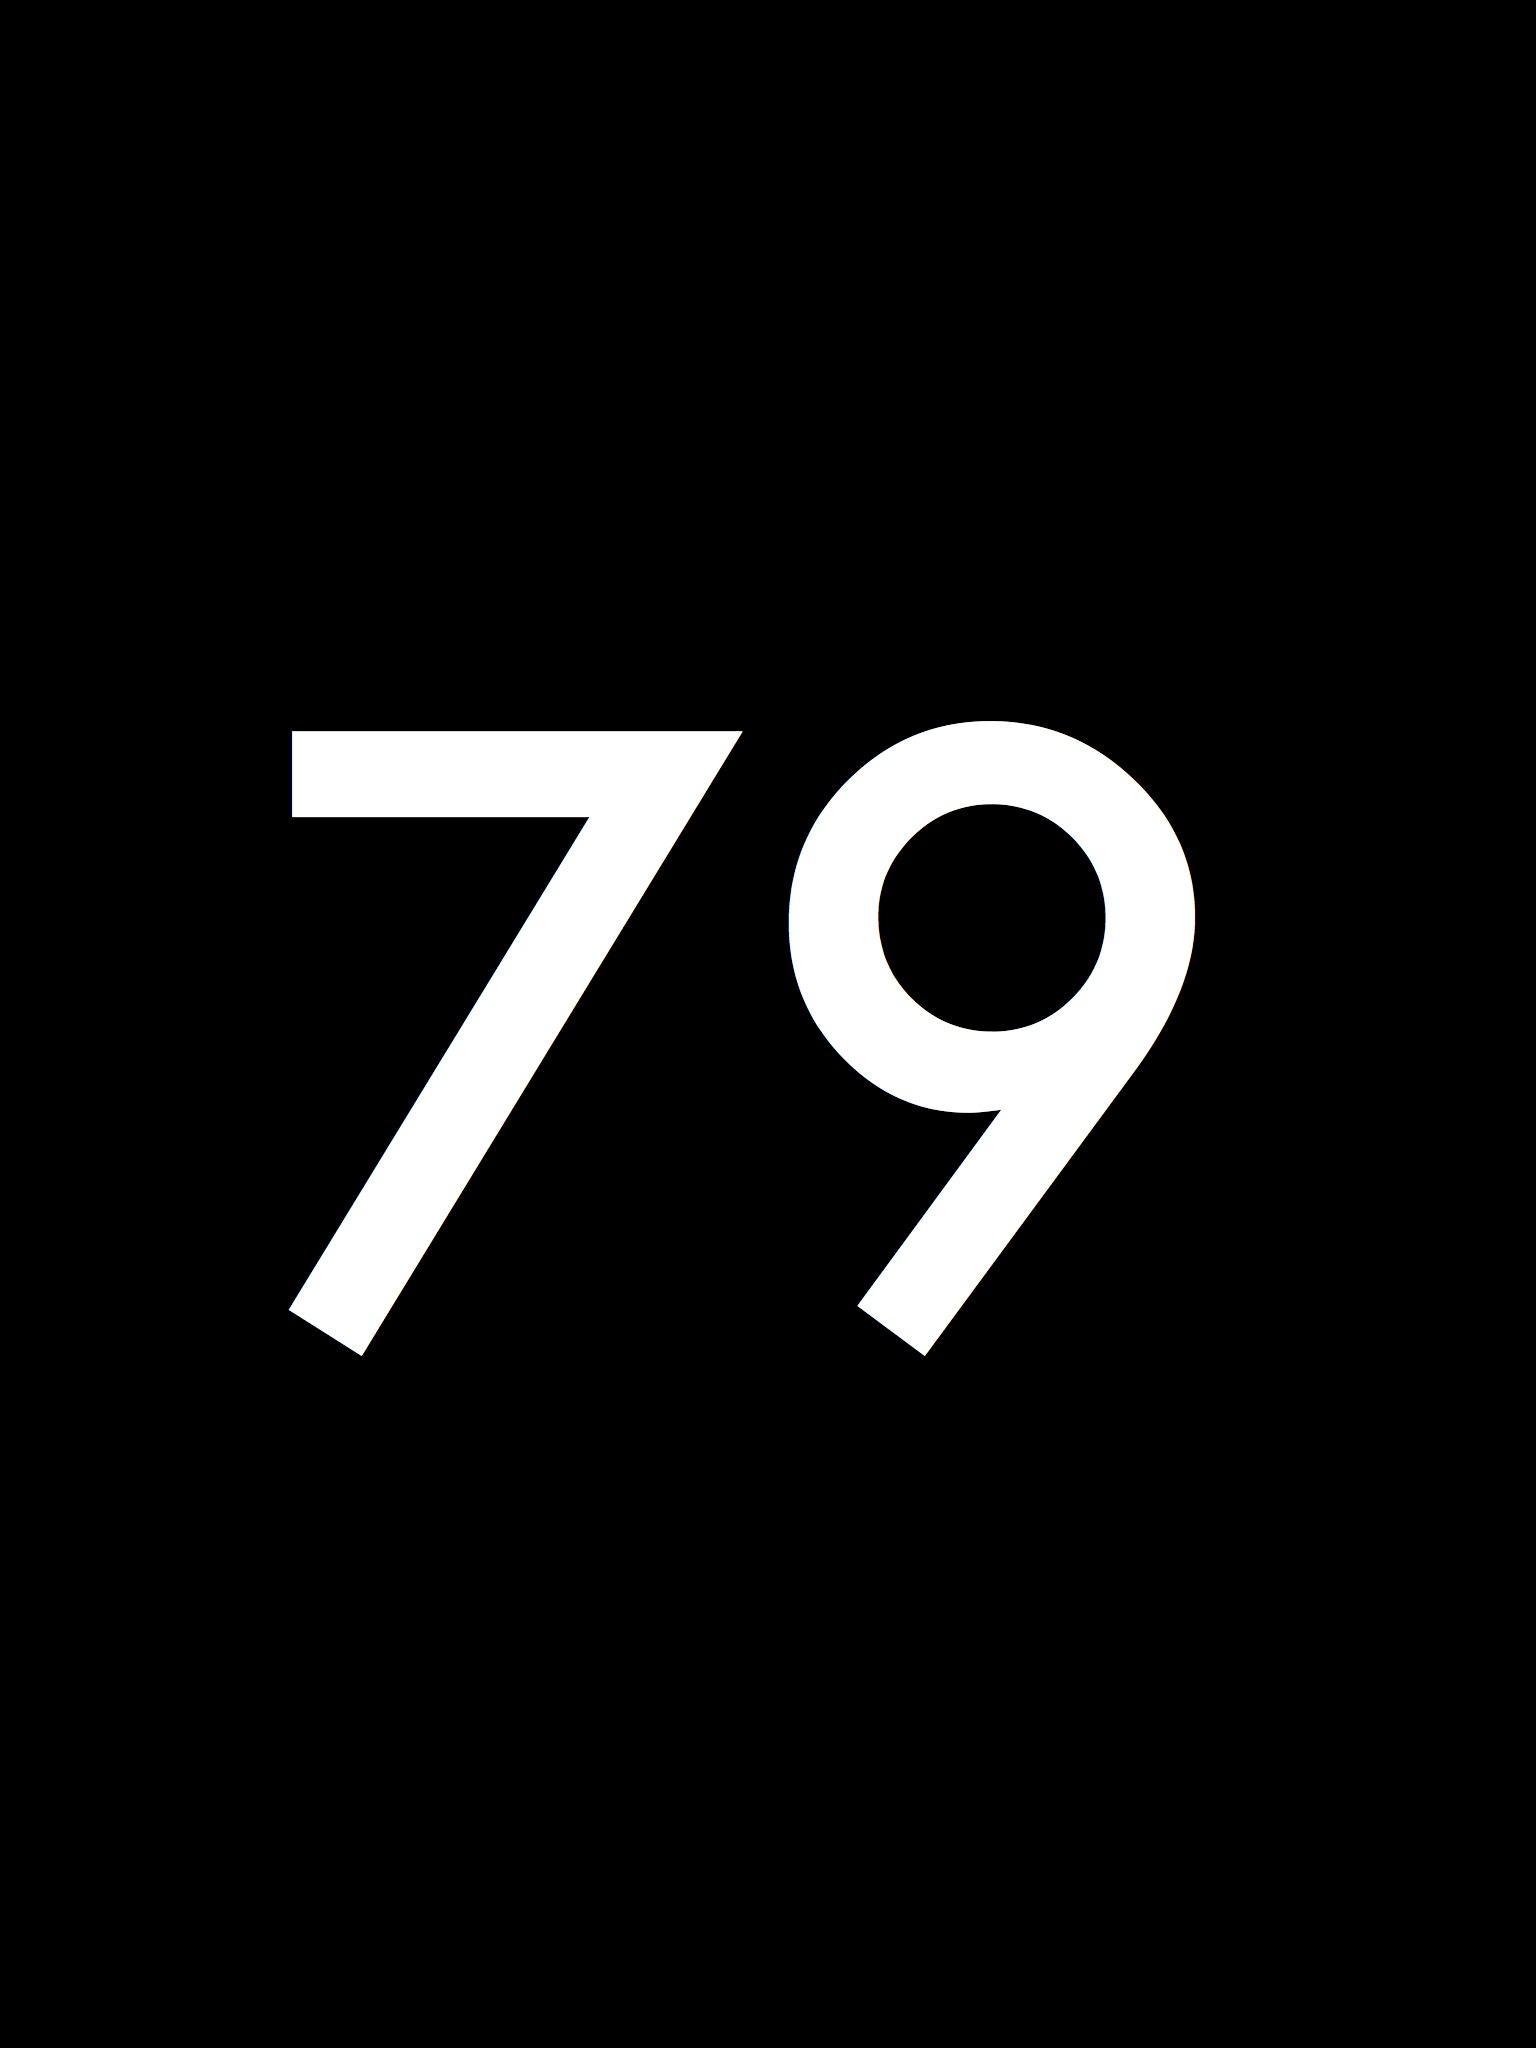 Black_Number.079.jpg